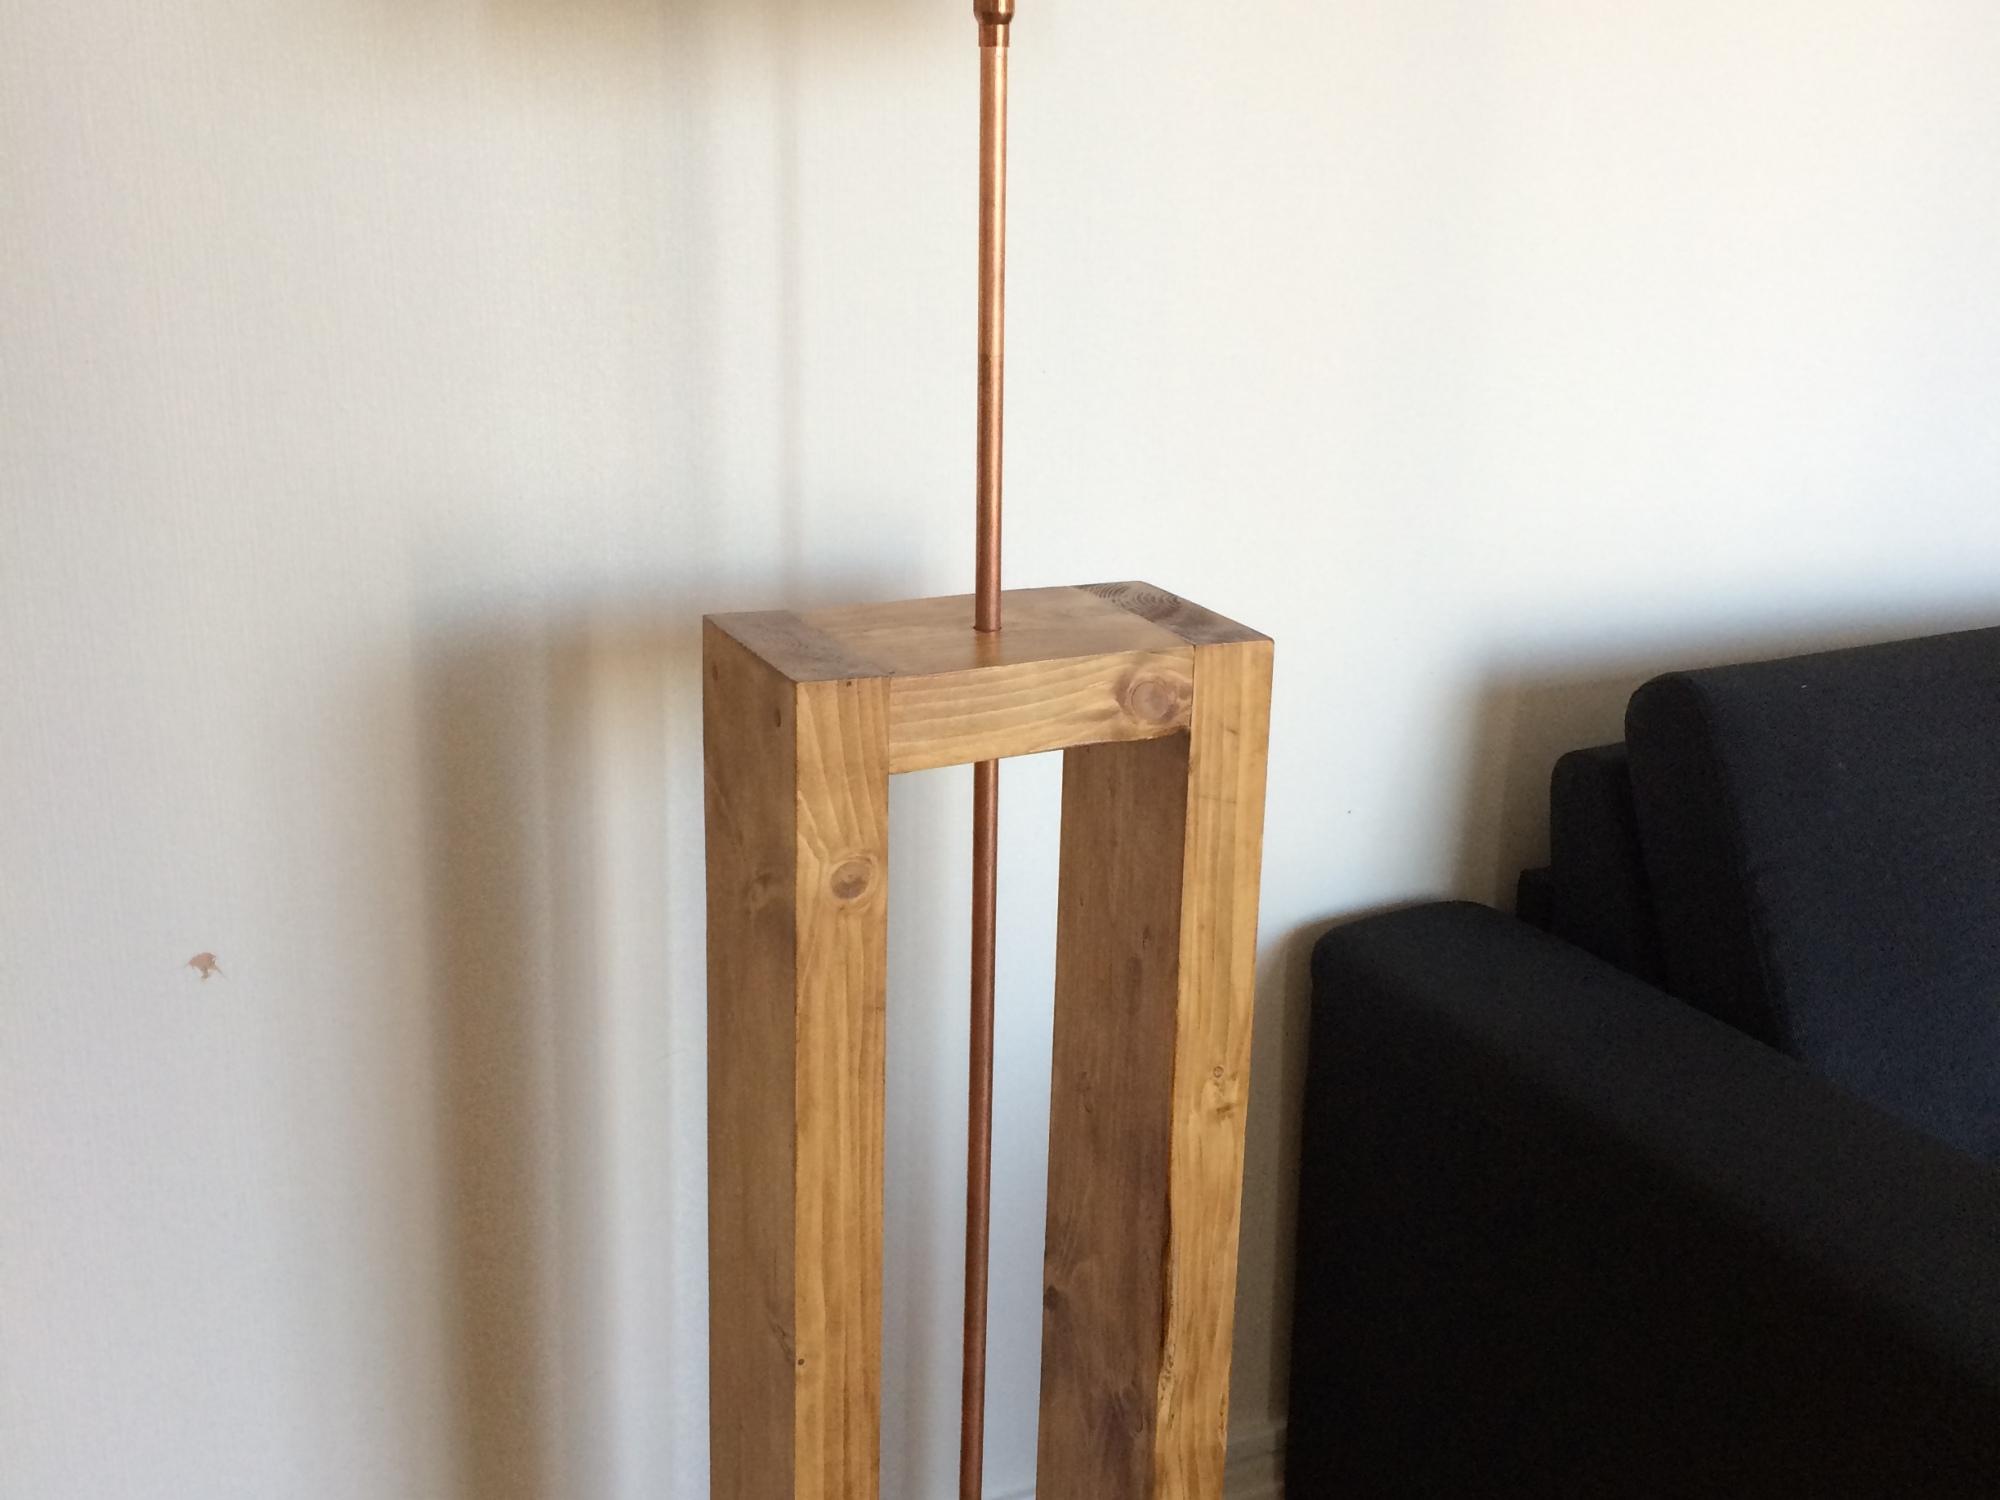 Fabriquer Une Applique En Bois une lampe mi-bois mi-cuivre – tout est diy